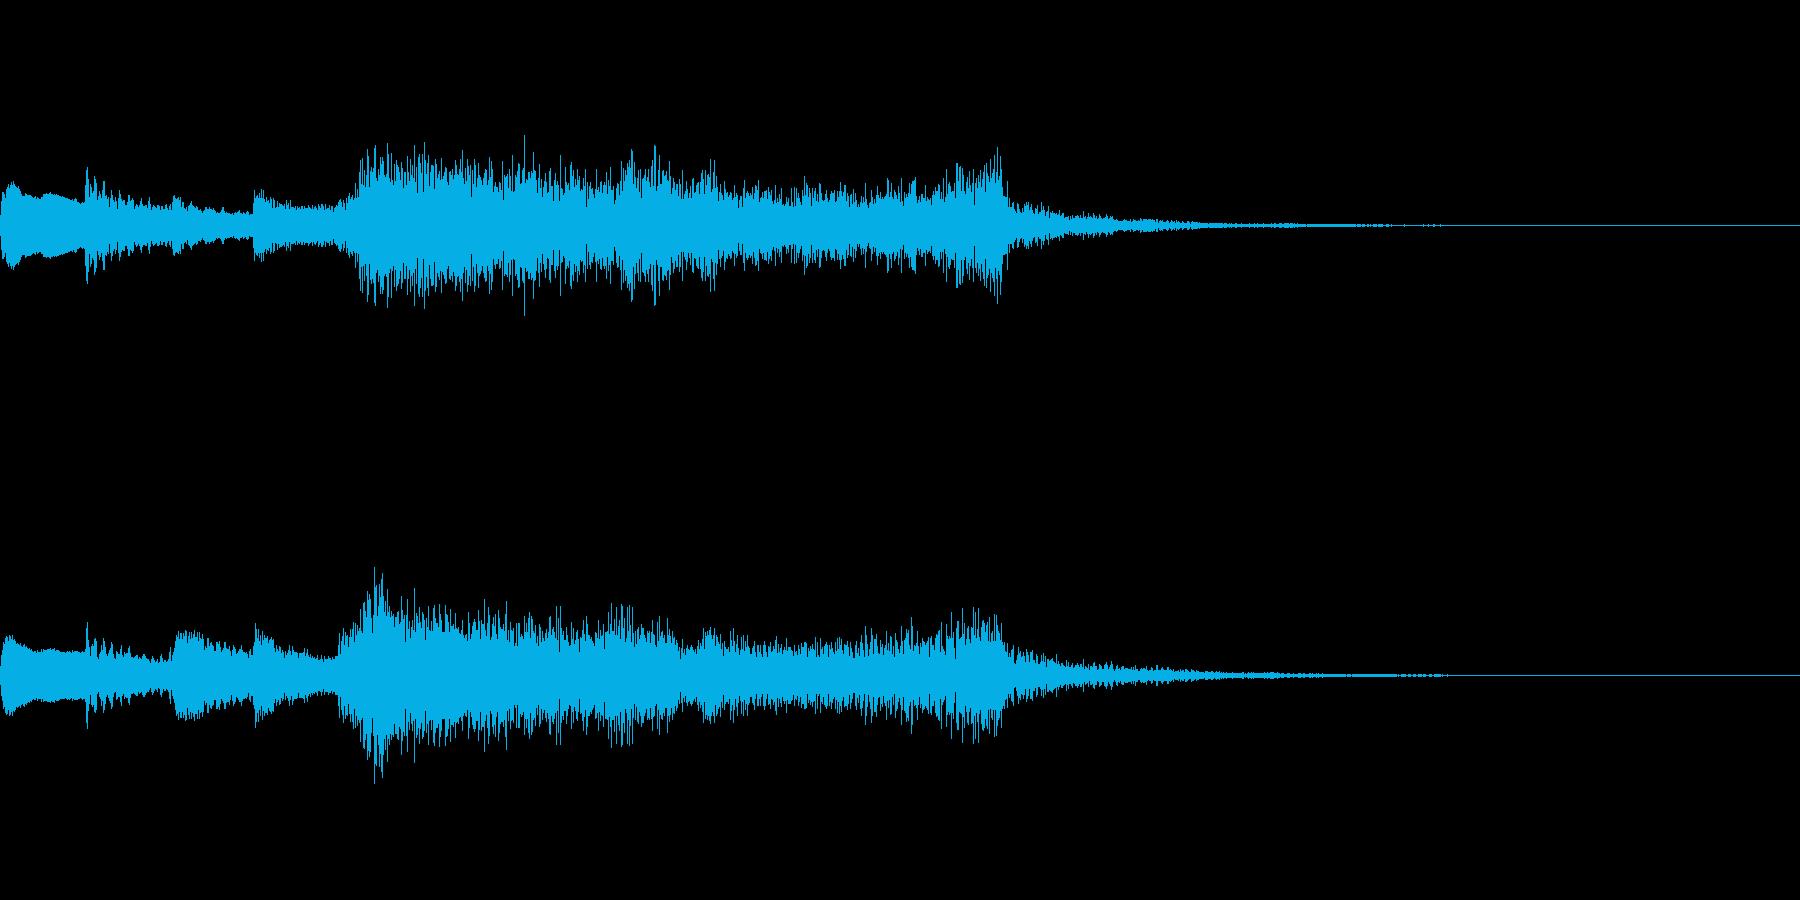 少し事件が起きそうなタイトルジングル風の再生済みの波形